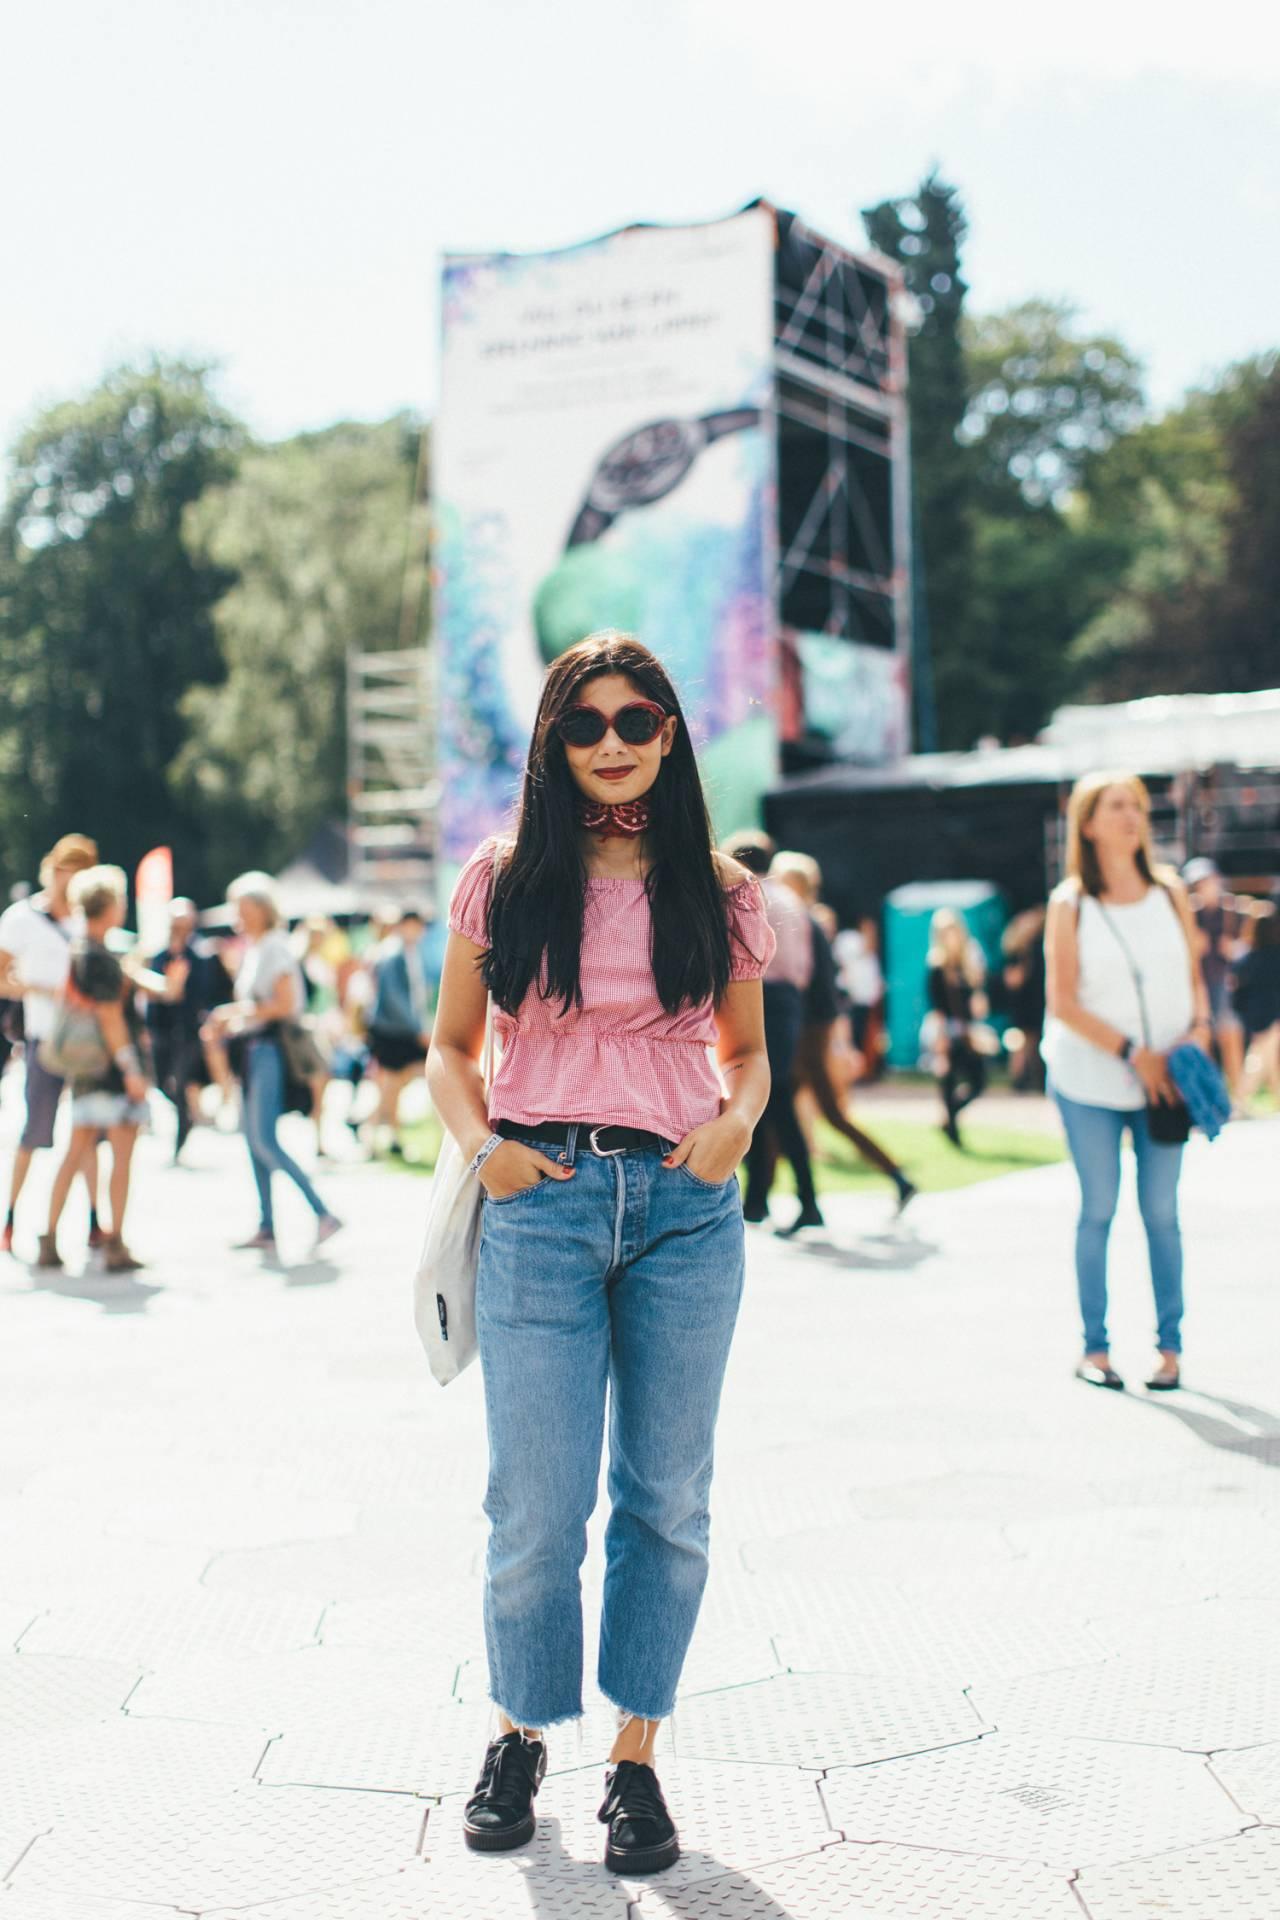 Gäst i rosa t-shirt och jeans.